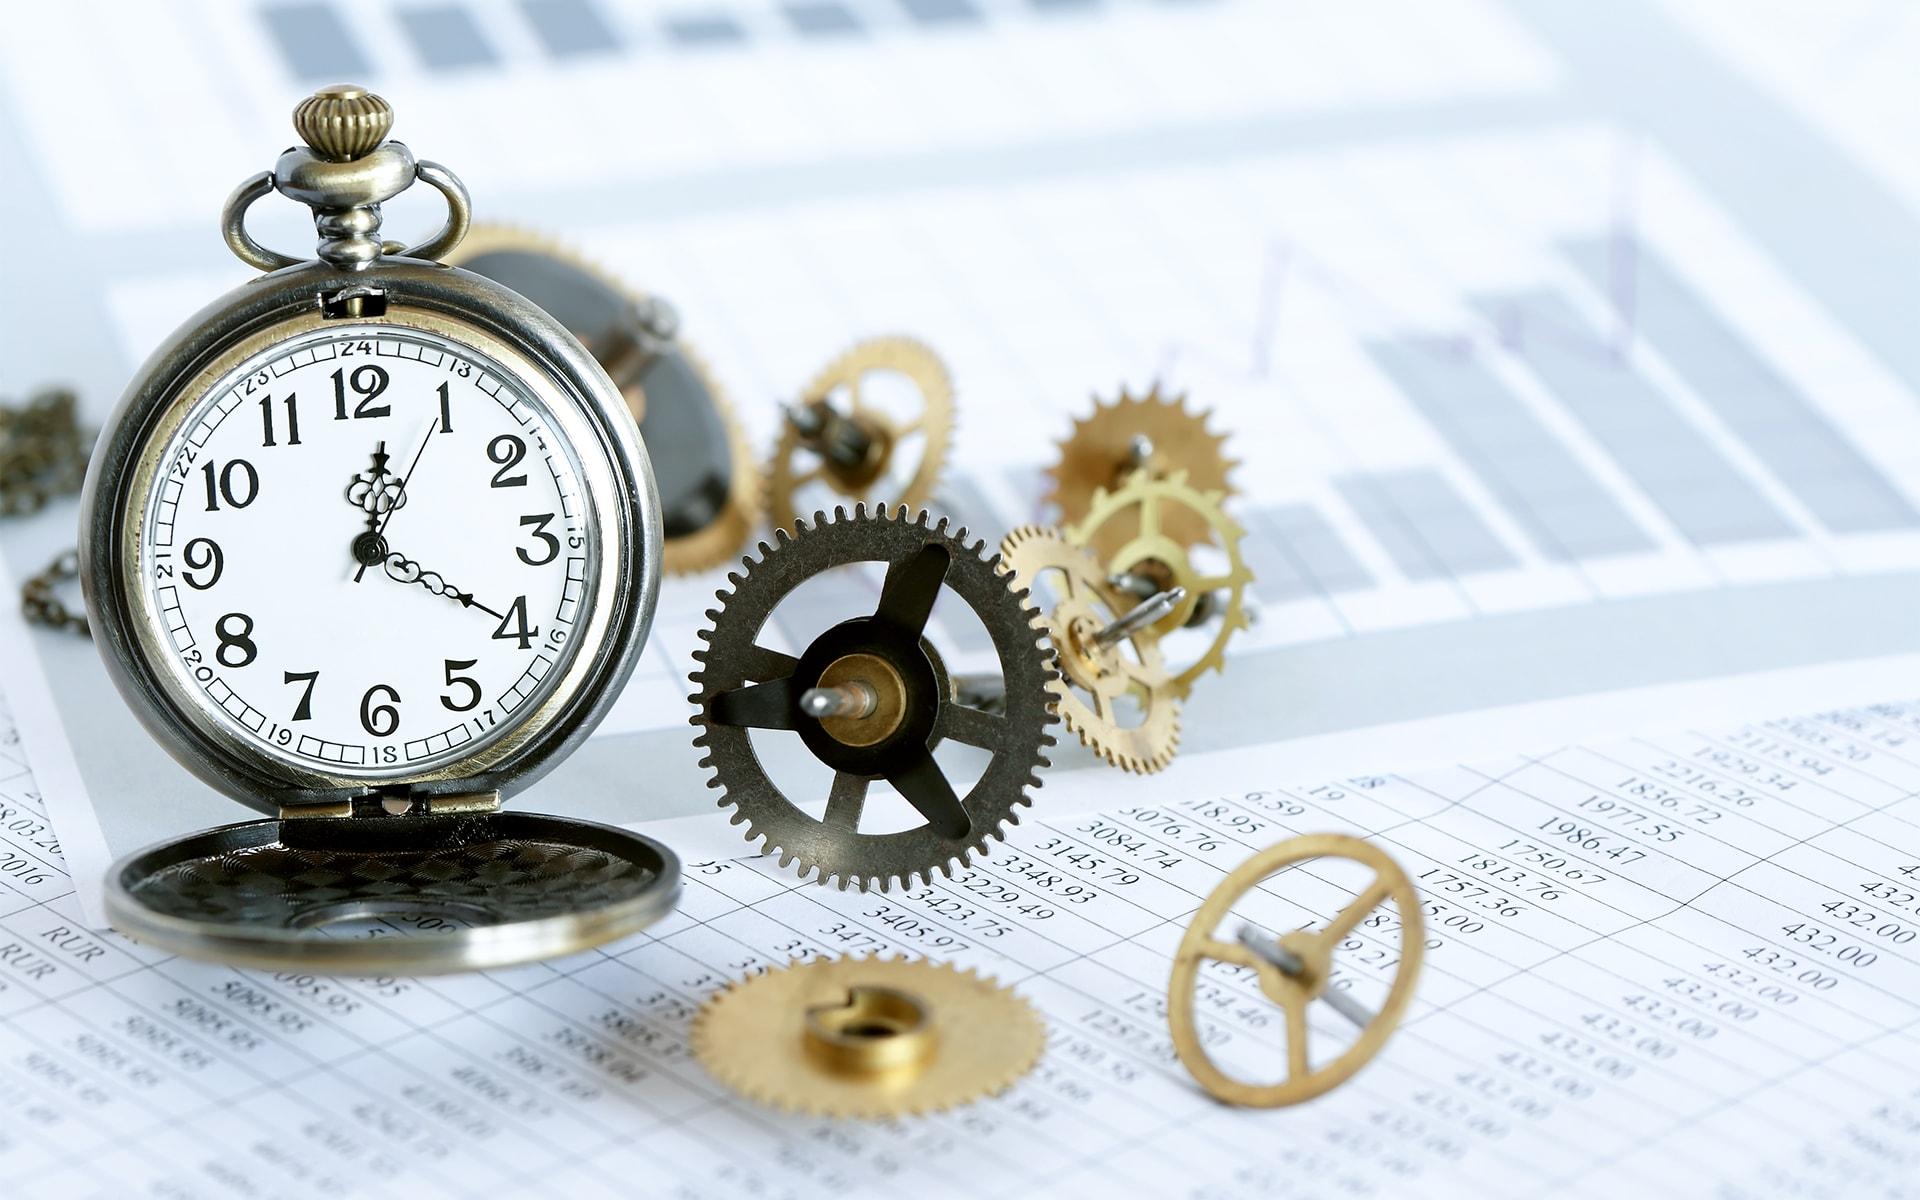 Zeit für Workflow-Management - Uhr auf einem Tabellenblatt